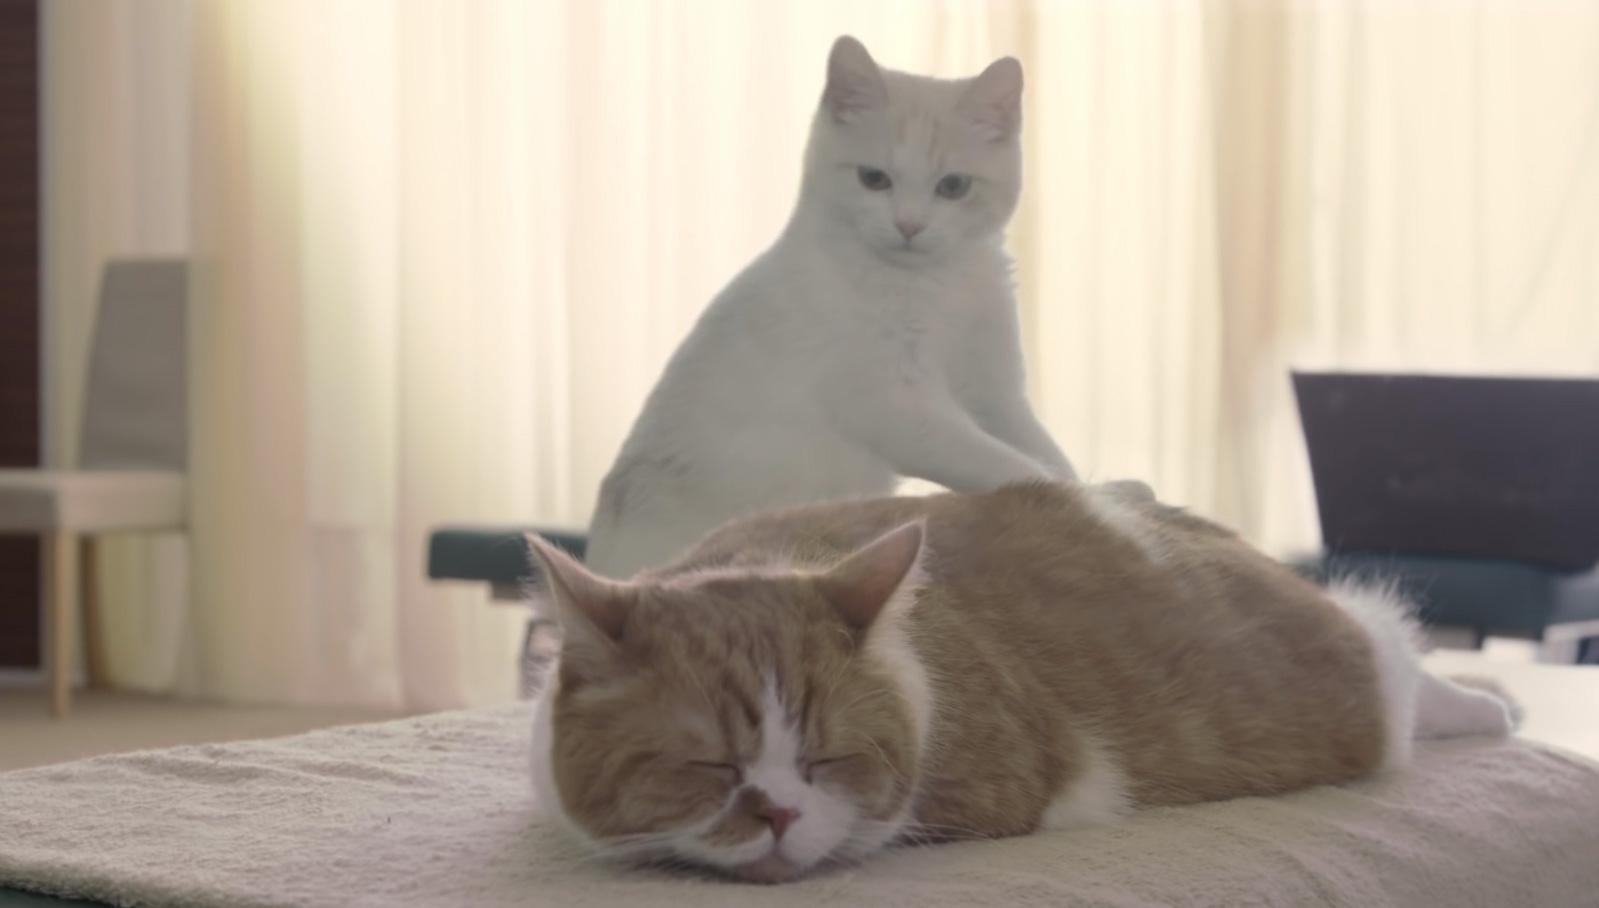 YモバイルCMの「モミ猫」